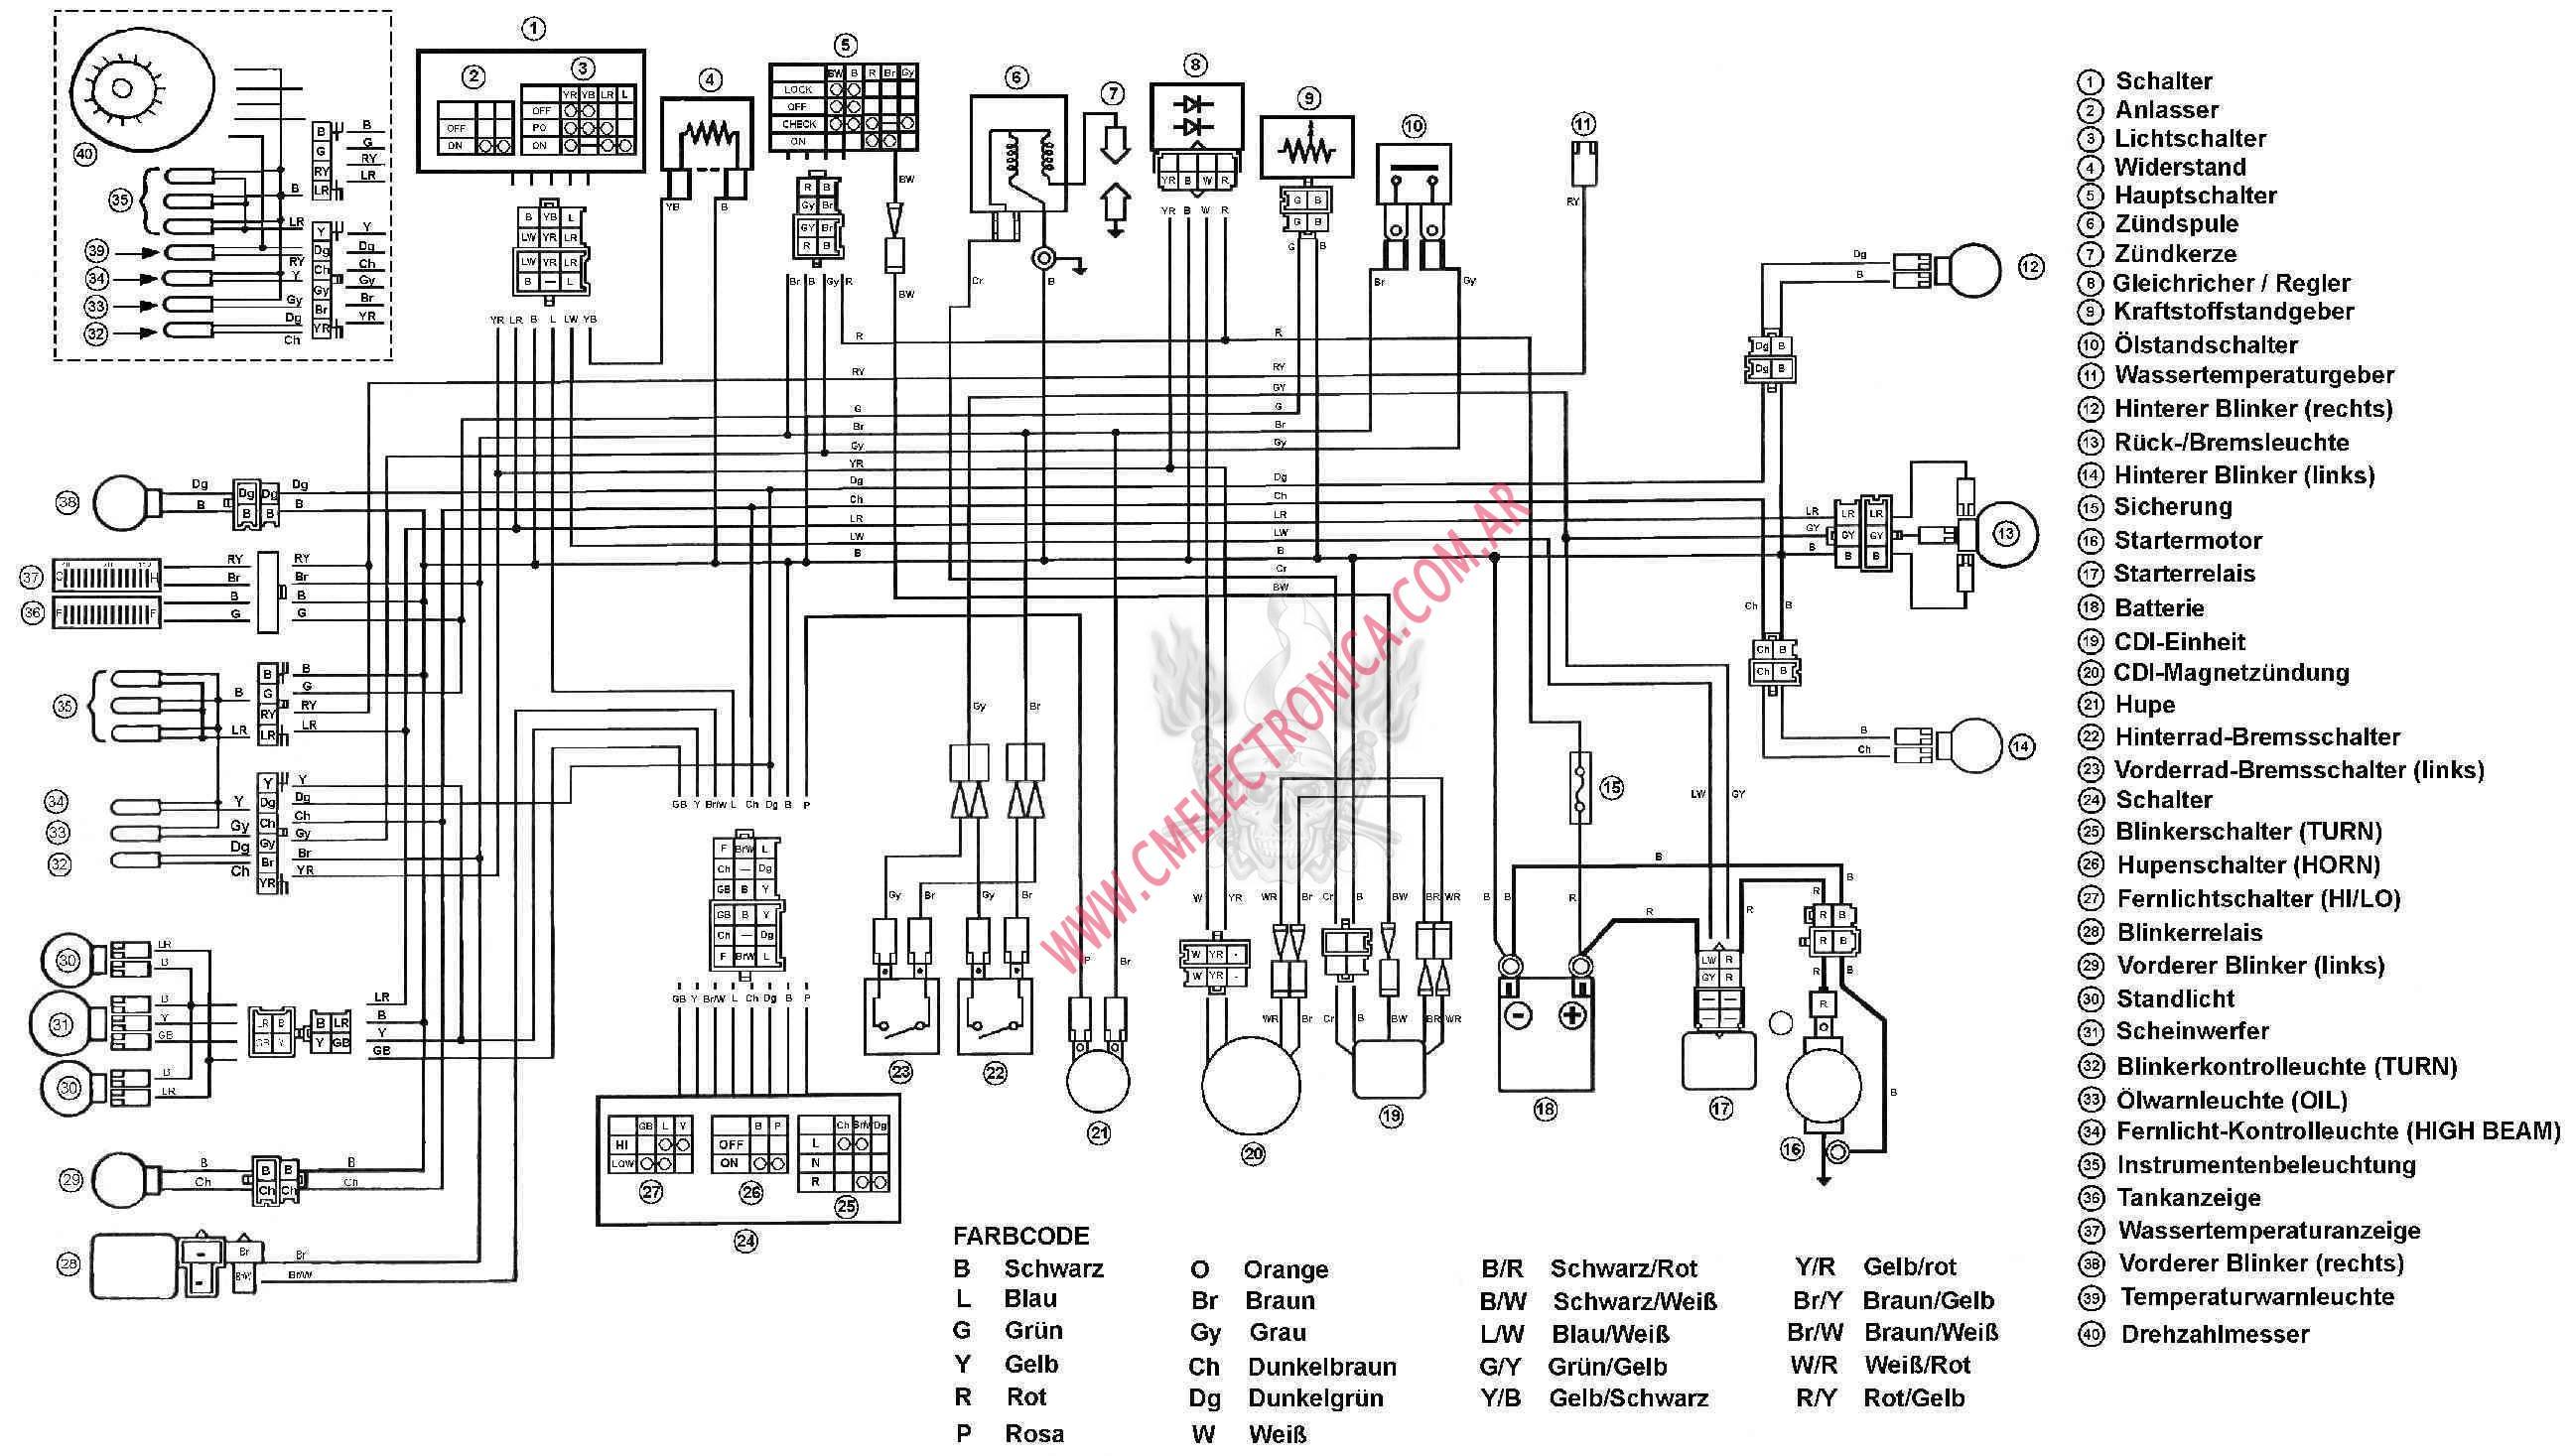 diagram] yamaha bws wiring diagram full version hd quality wiring diagram -  diagramcartew.kazantip.fr  kazantip.fr